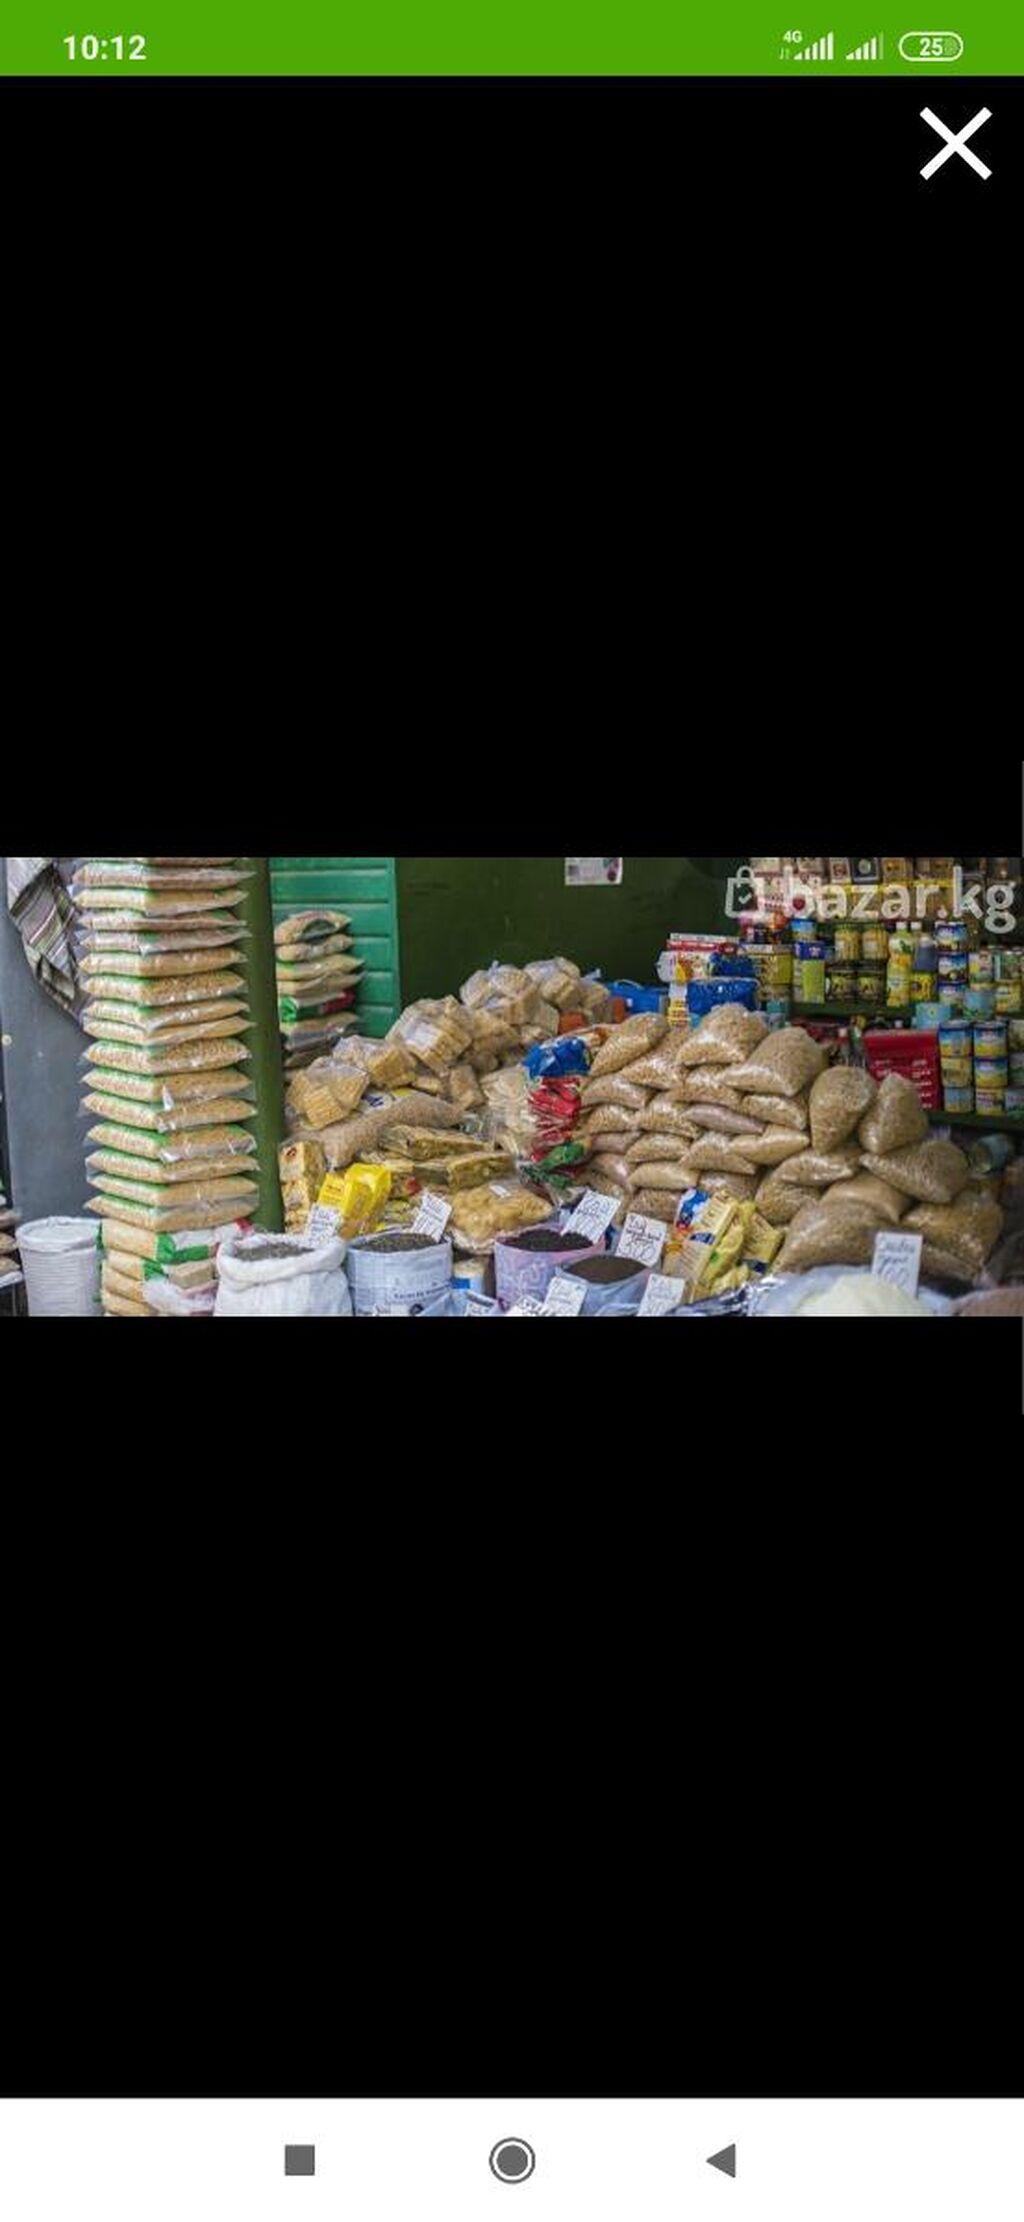 Примем товар (продукты питания) под реал  у тех, кто закрывает свой магазин,у нас имеется большой магазин, все подробности по тел: ,